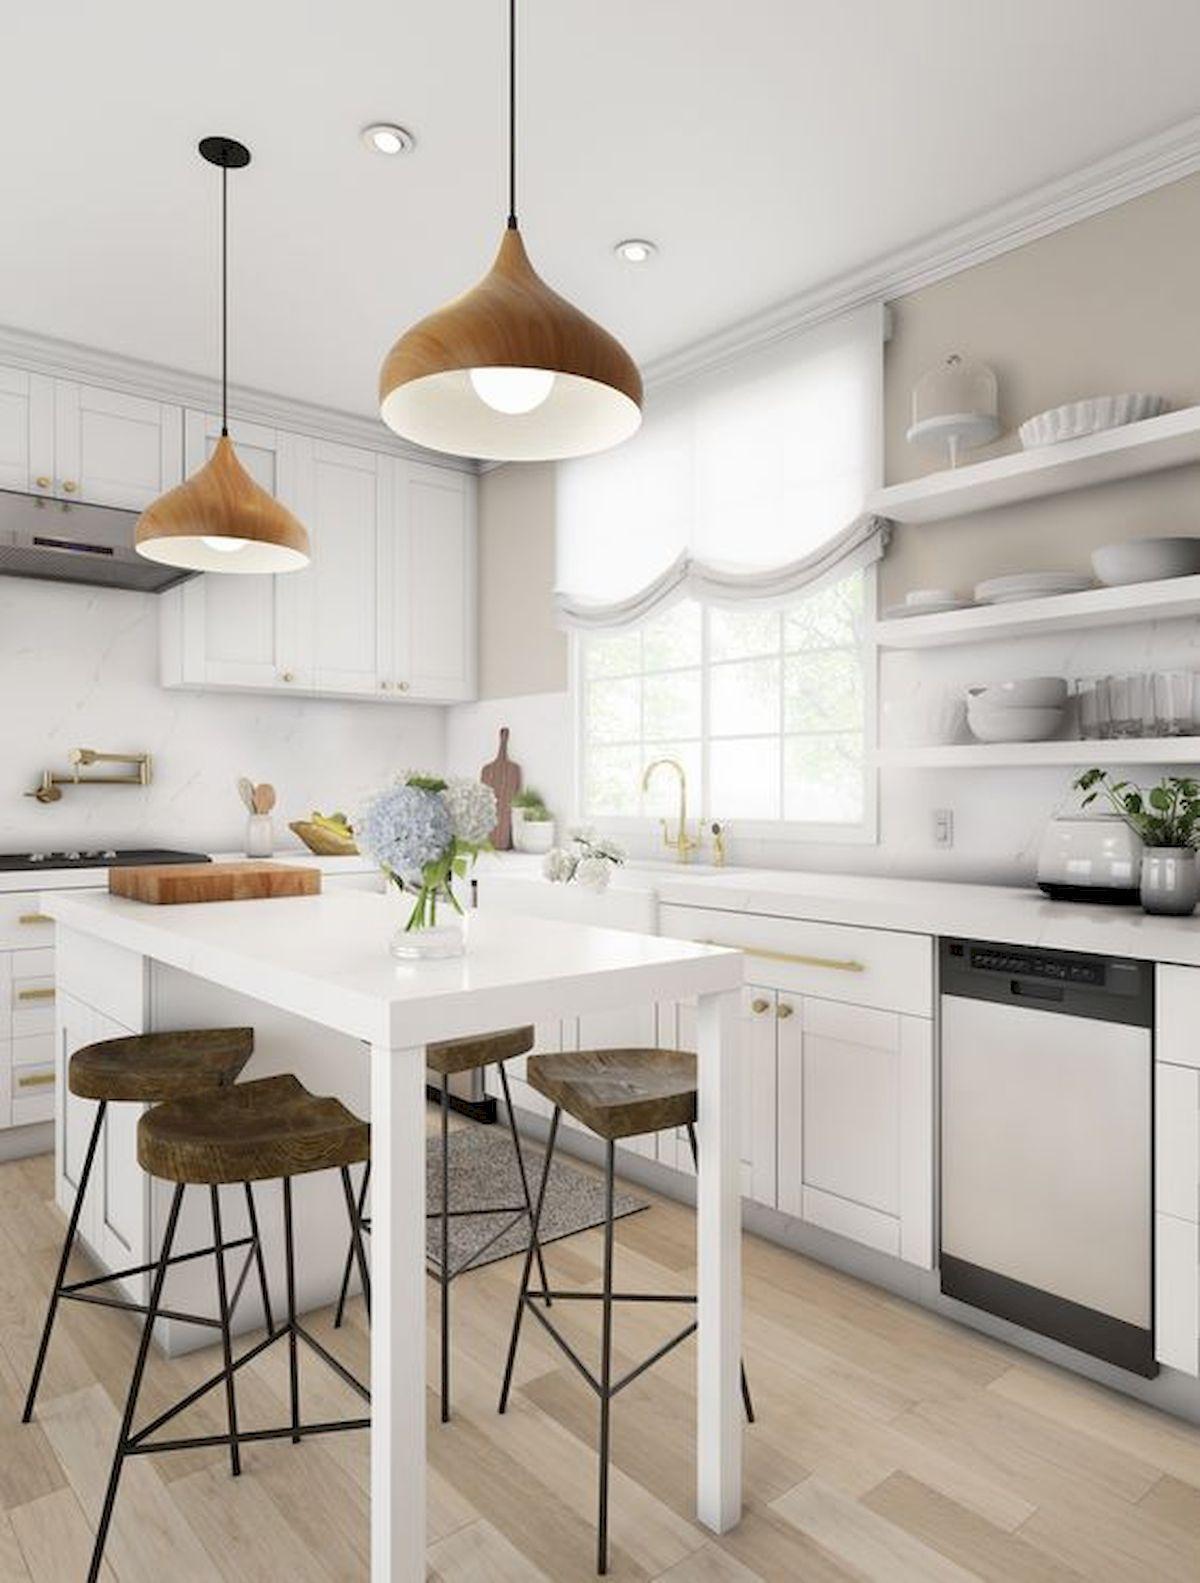 60 STUNNING KITCHEN ISLAND DESIGN IDEAS AND DECOR – Best Home ...